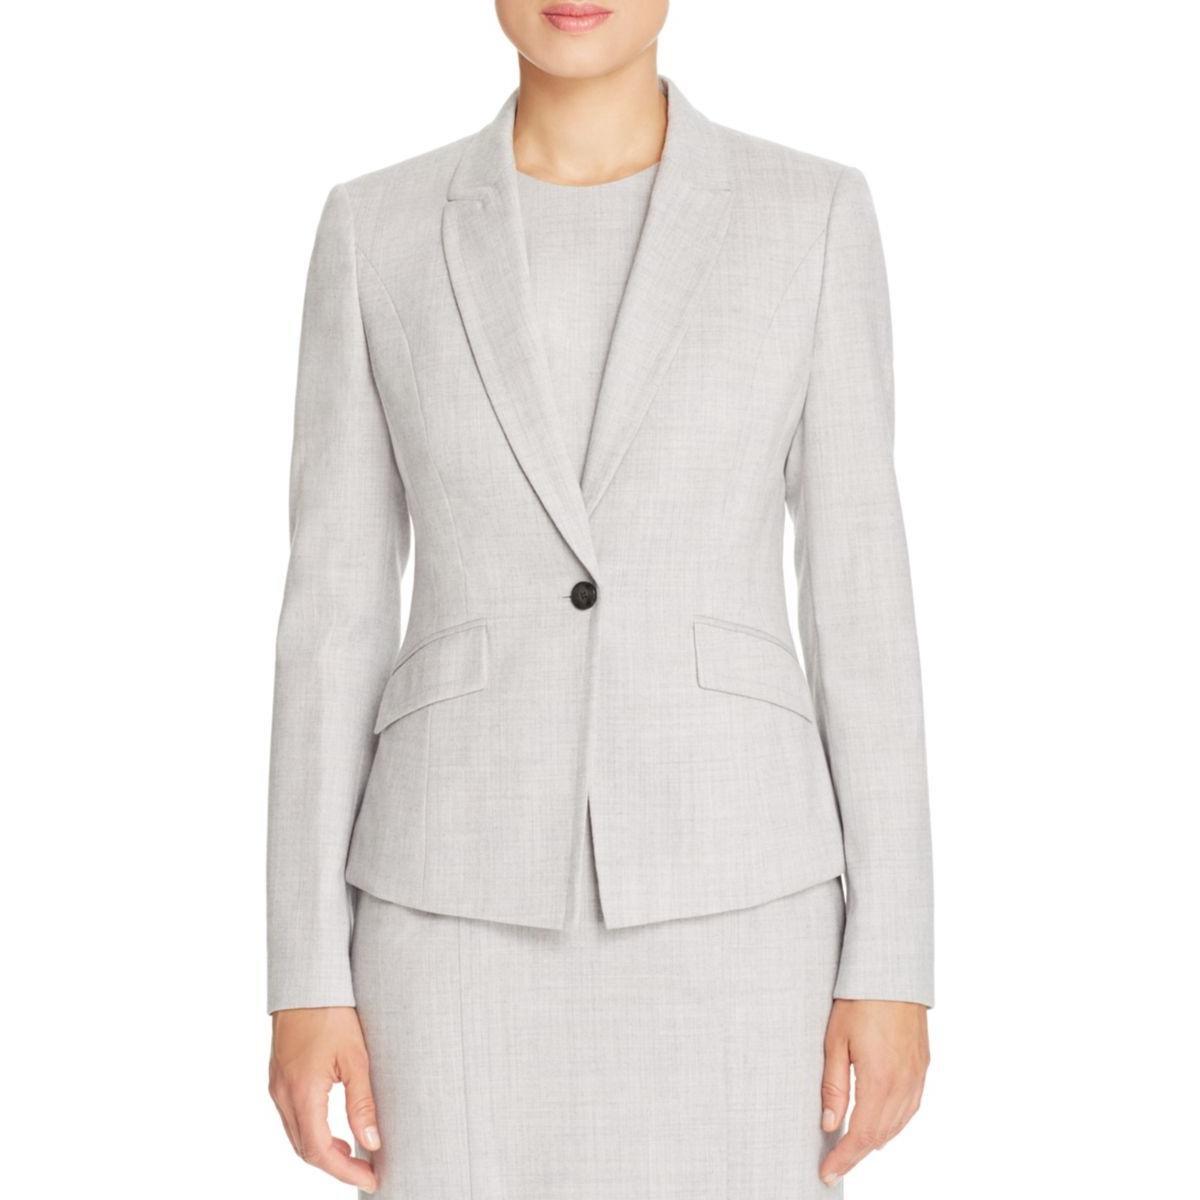 BOSS Hugo Boss Womens Notch Collar Wool One-Button Blazer Gray 4